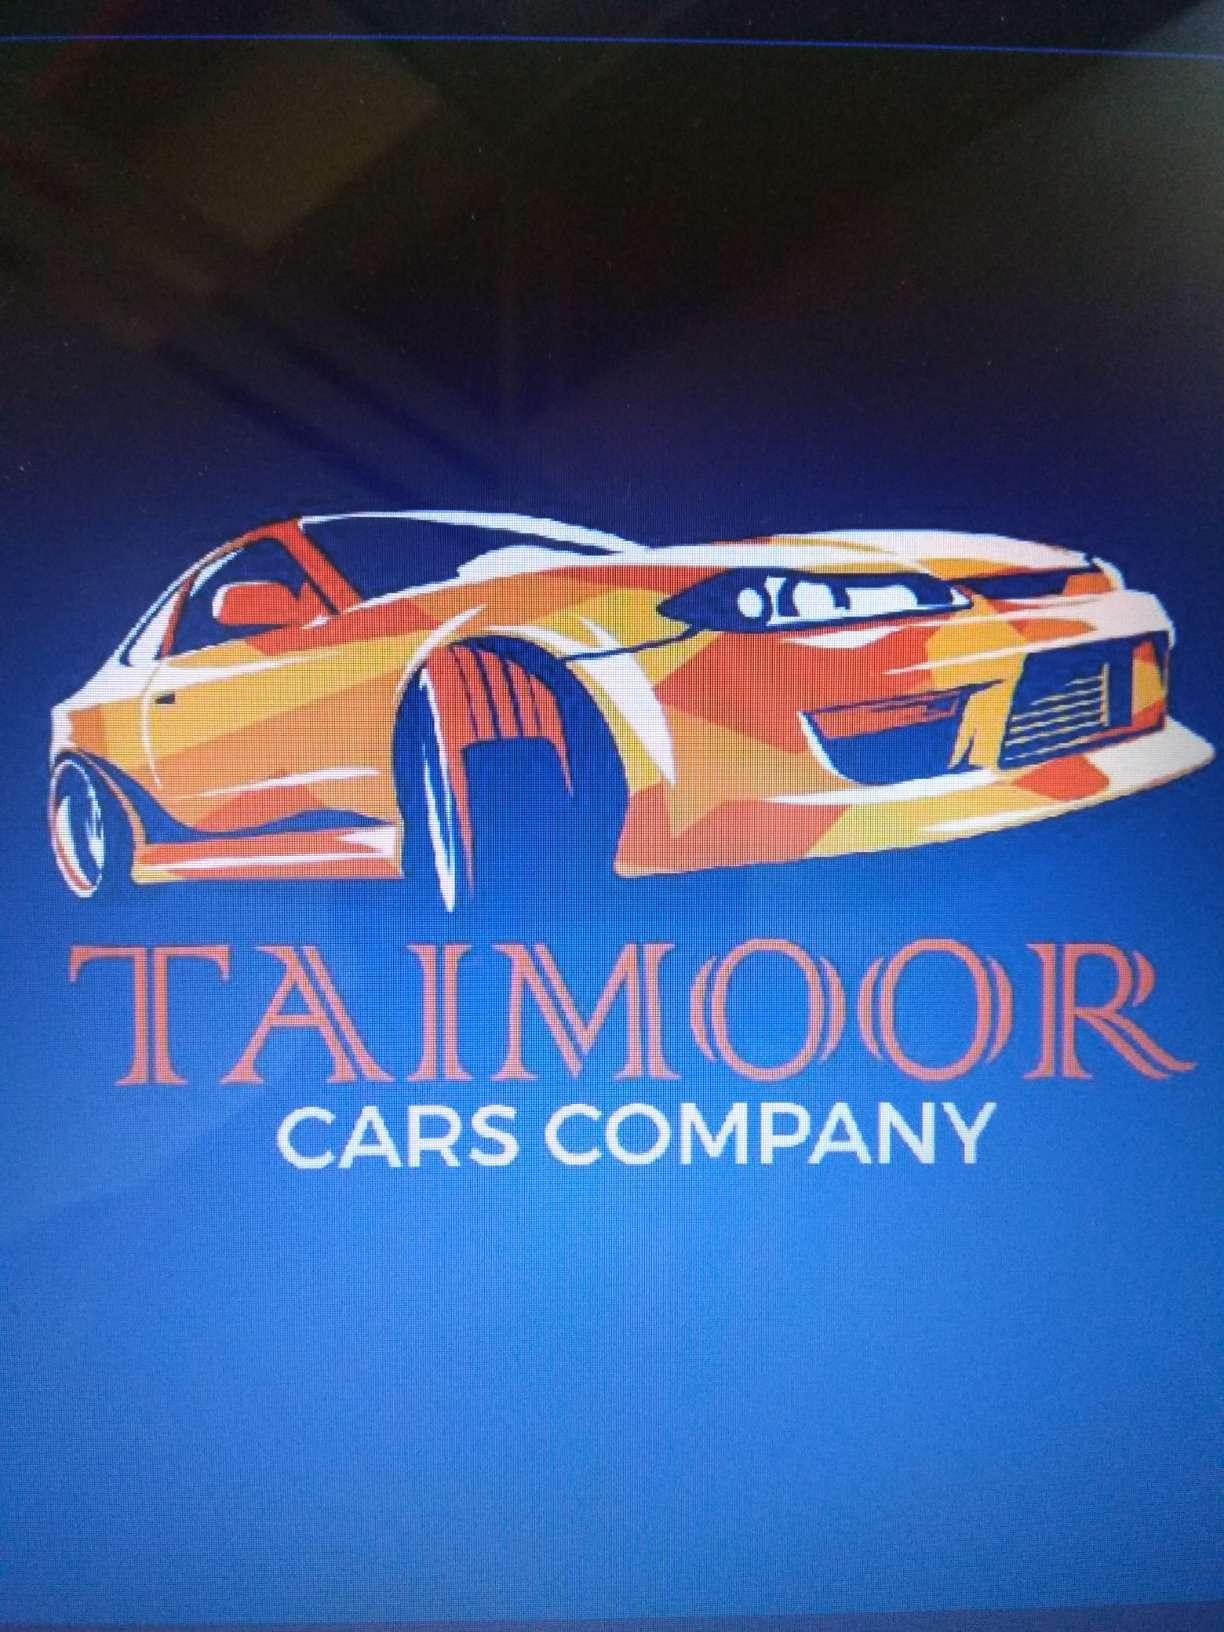 Taimoor Cars Company